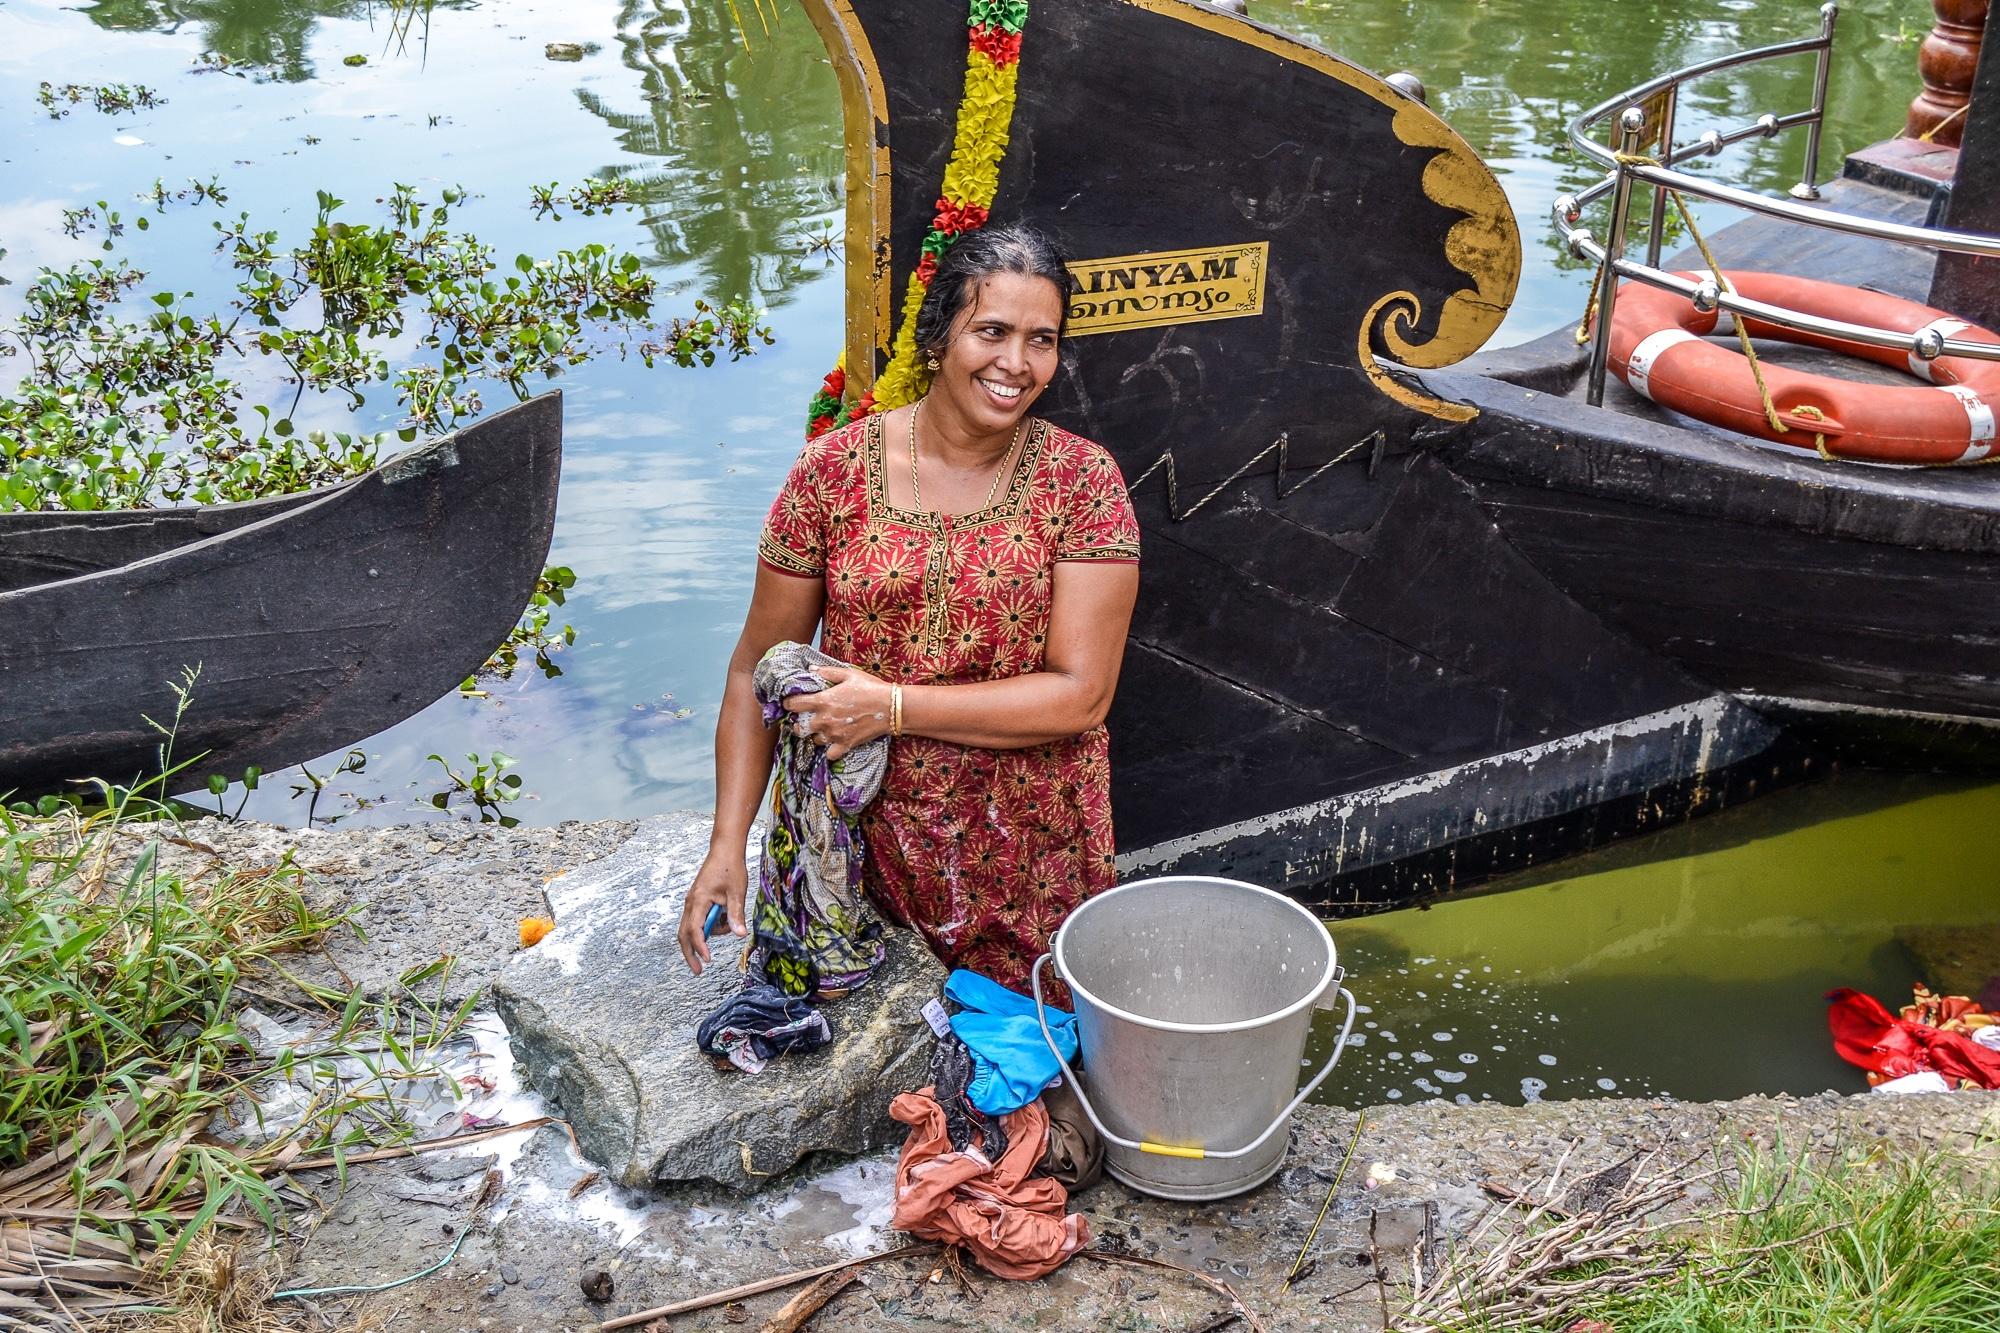 Kerala: Sehenswürdigkeiten, Kultur und Kulinarik im südlichen Indien